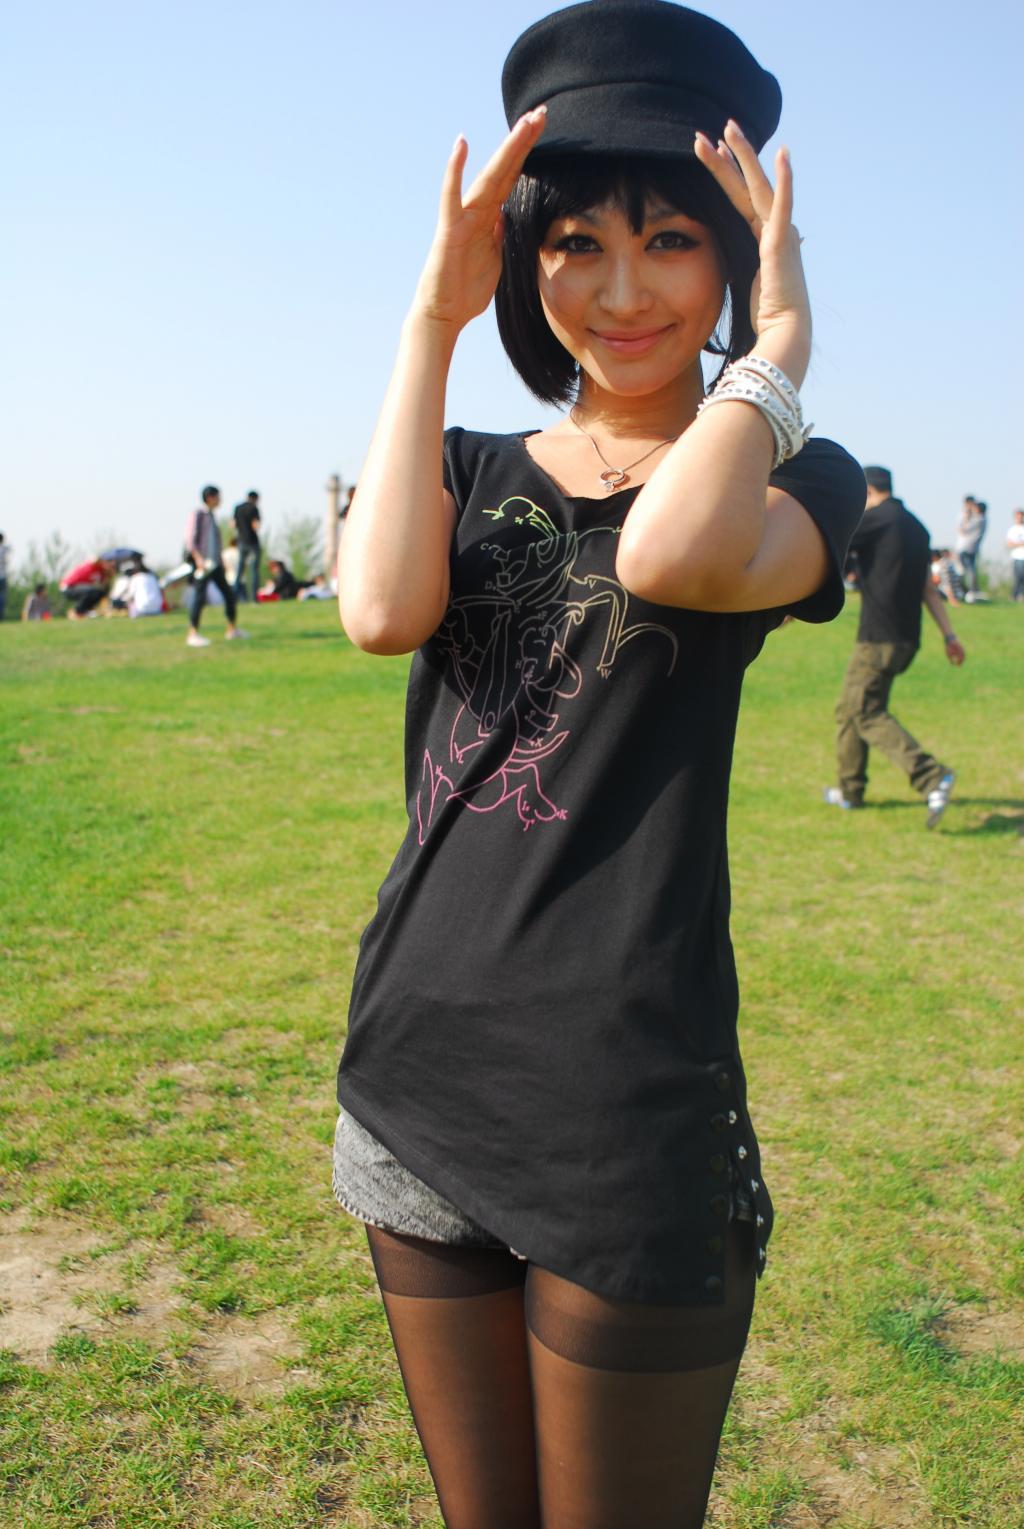 们期待已久的草莓音乐节在北京热闹开唱.李菲儿应某知名潮流